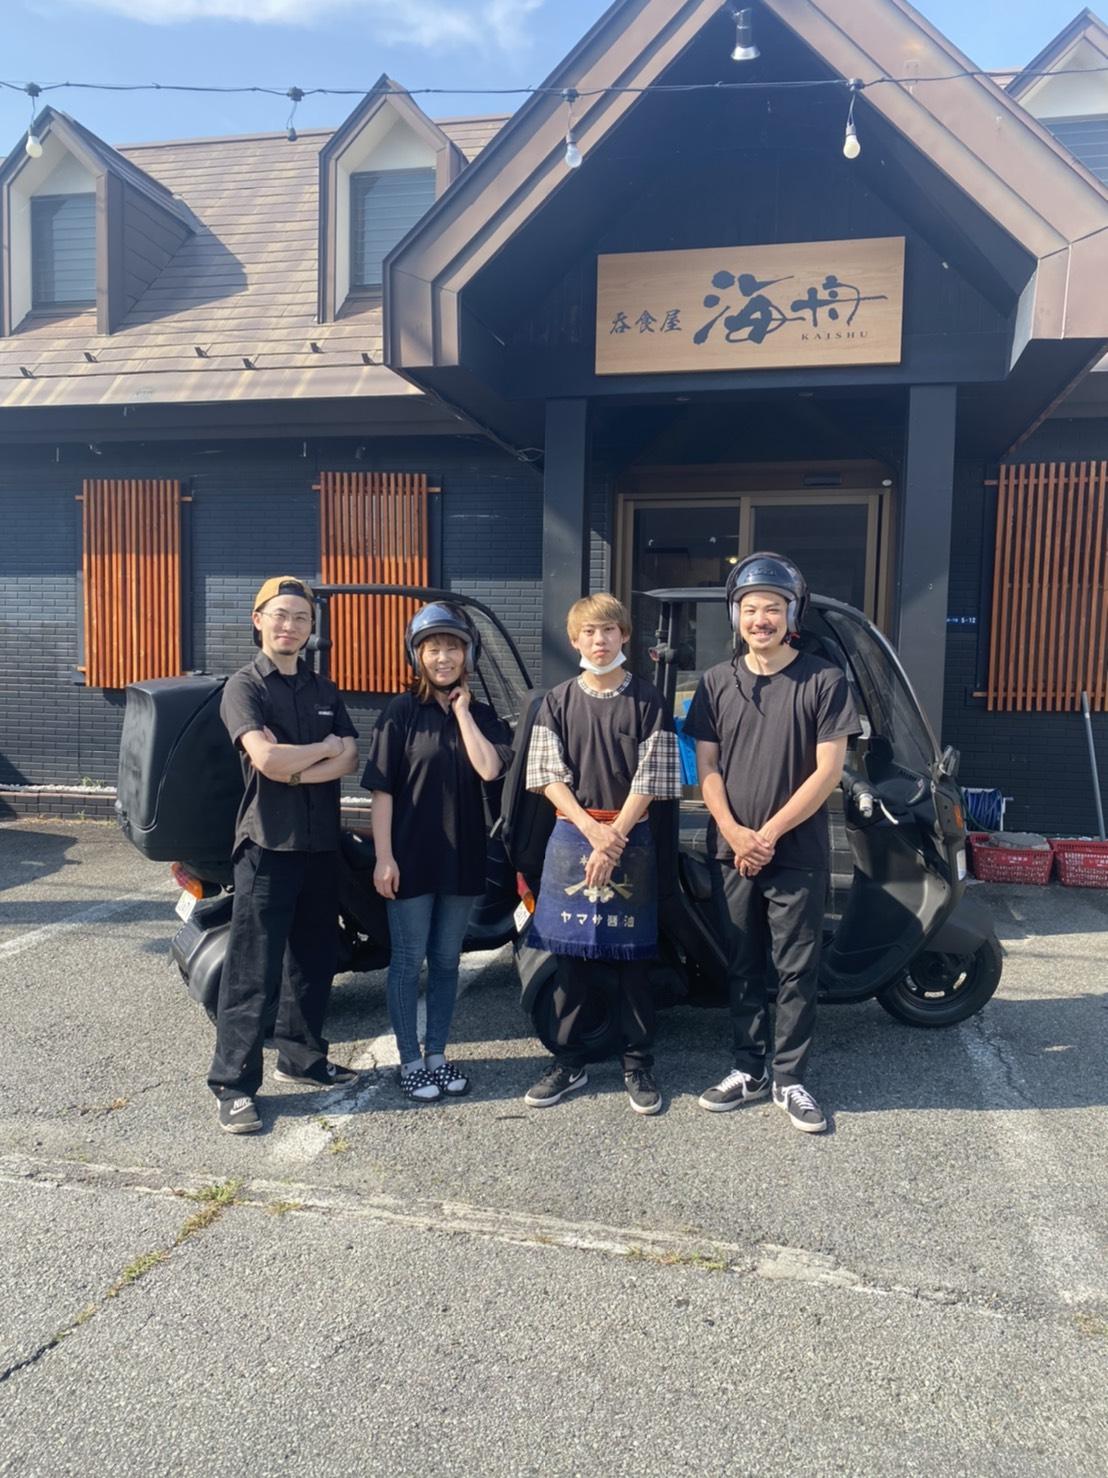 【新店舗】TGALデリバリー甲府徳行店が8月4日にオープン致しました。